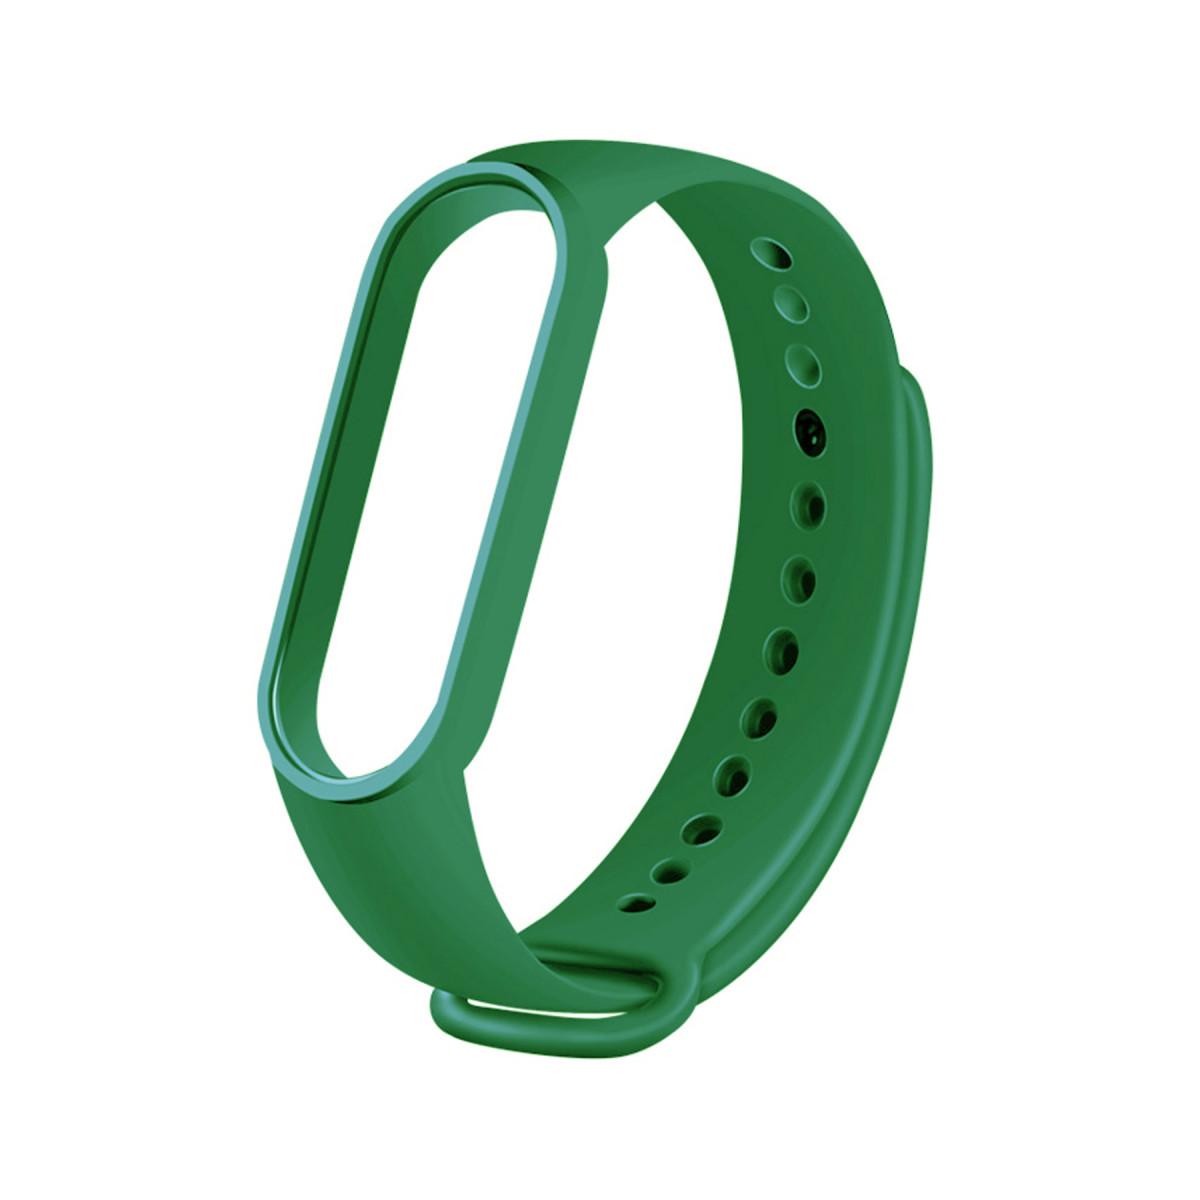 Сменный ремешок на фитнес браслет Xiaomi Mi Smart Band 5 Цвет - Светло-Зеленый (Оливковый)